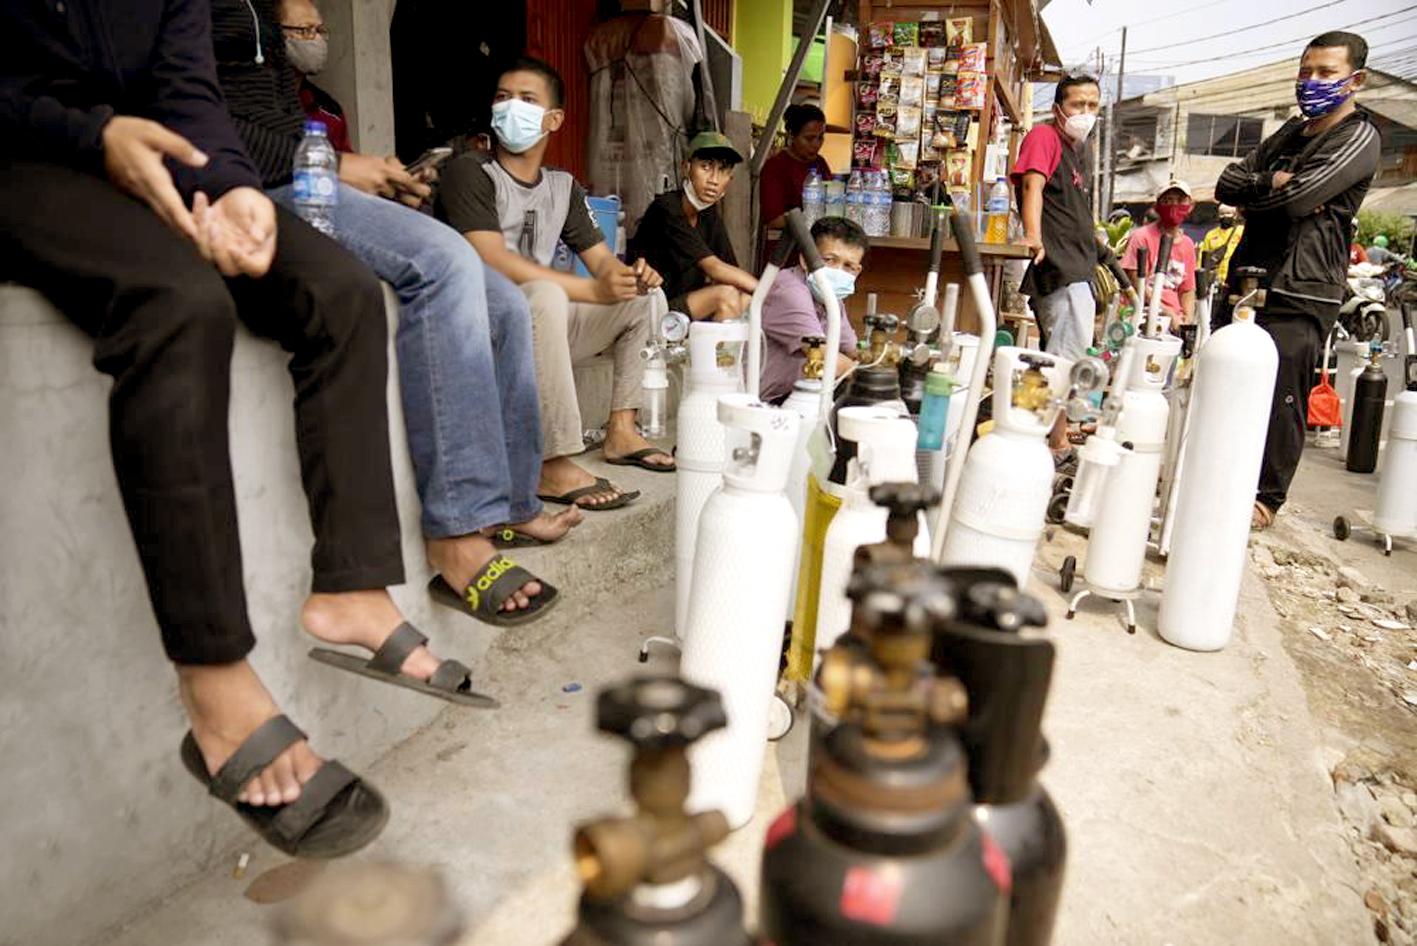 Người dân xếp hàng chờ nạp đầy bình ô-xy cho thân nhân mắc COVID-19 tại một trạm nạp ở Jakarta, Indonesia - ẢNH: AP